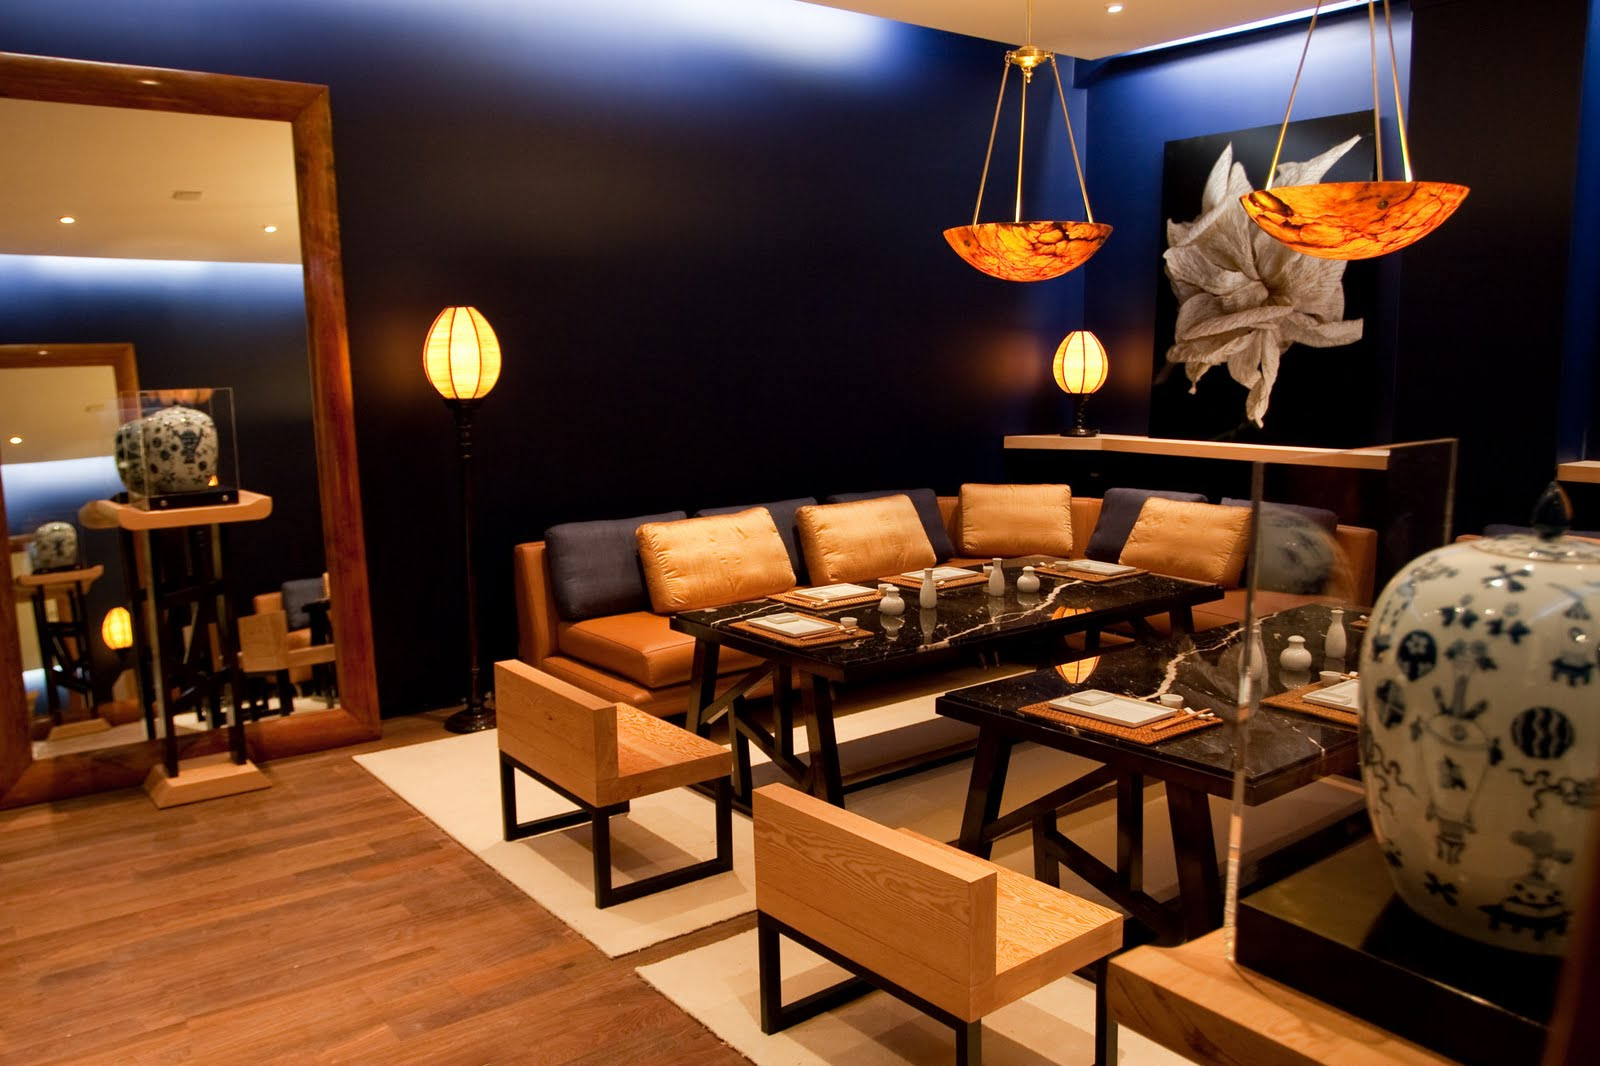 Casa foa 2009 espacio n 20 comedor claudia y marina for Decoracion casa foa